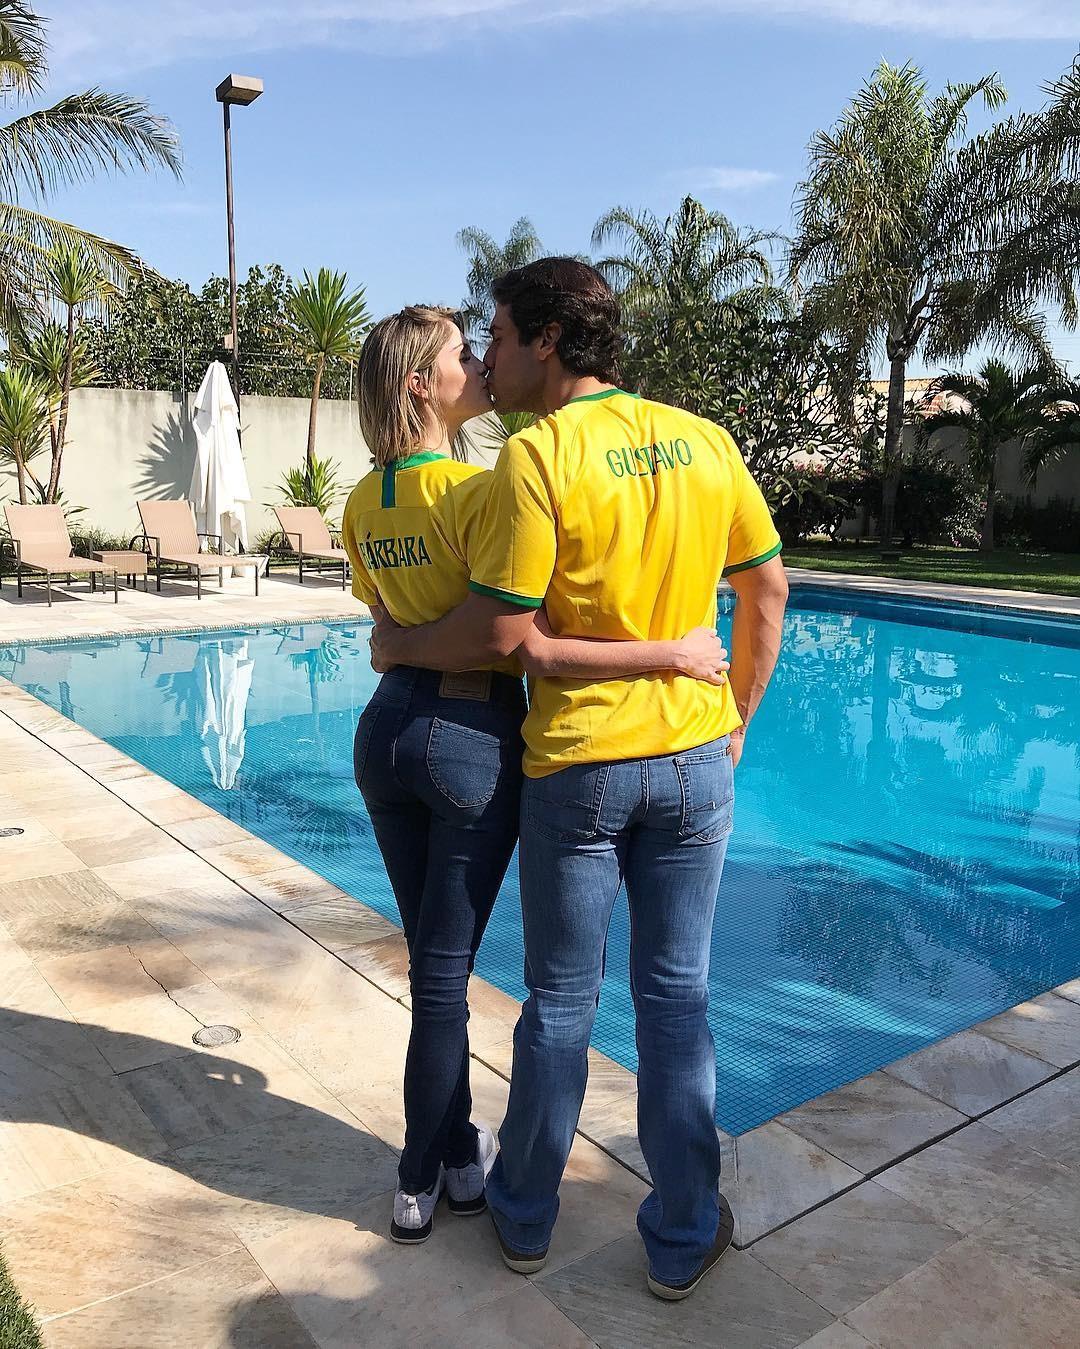 Barbara Evans e Gustavo Theodoro com camisas personalizadas para a Copa (Foto: Reprodução/Instagram)